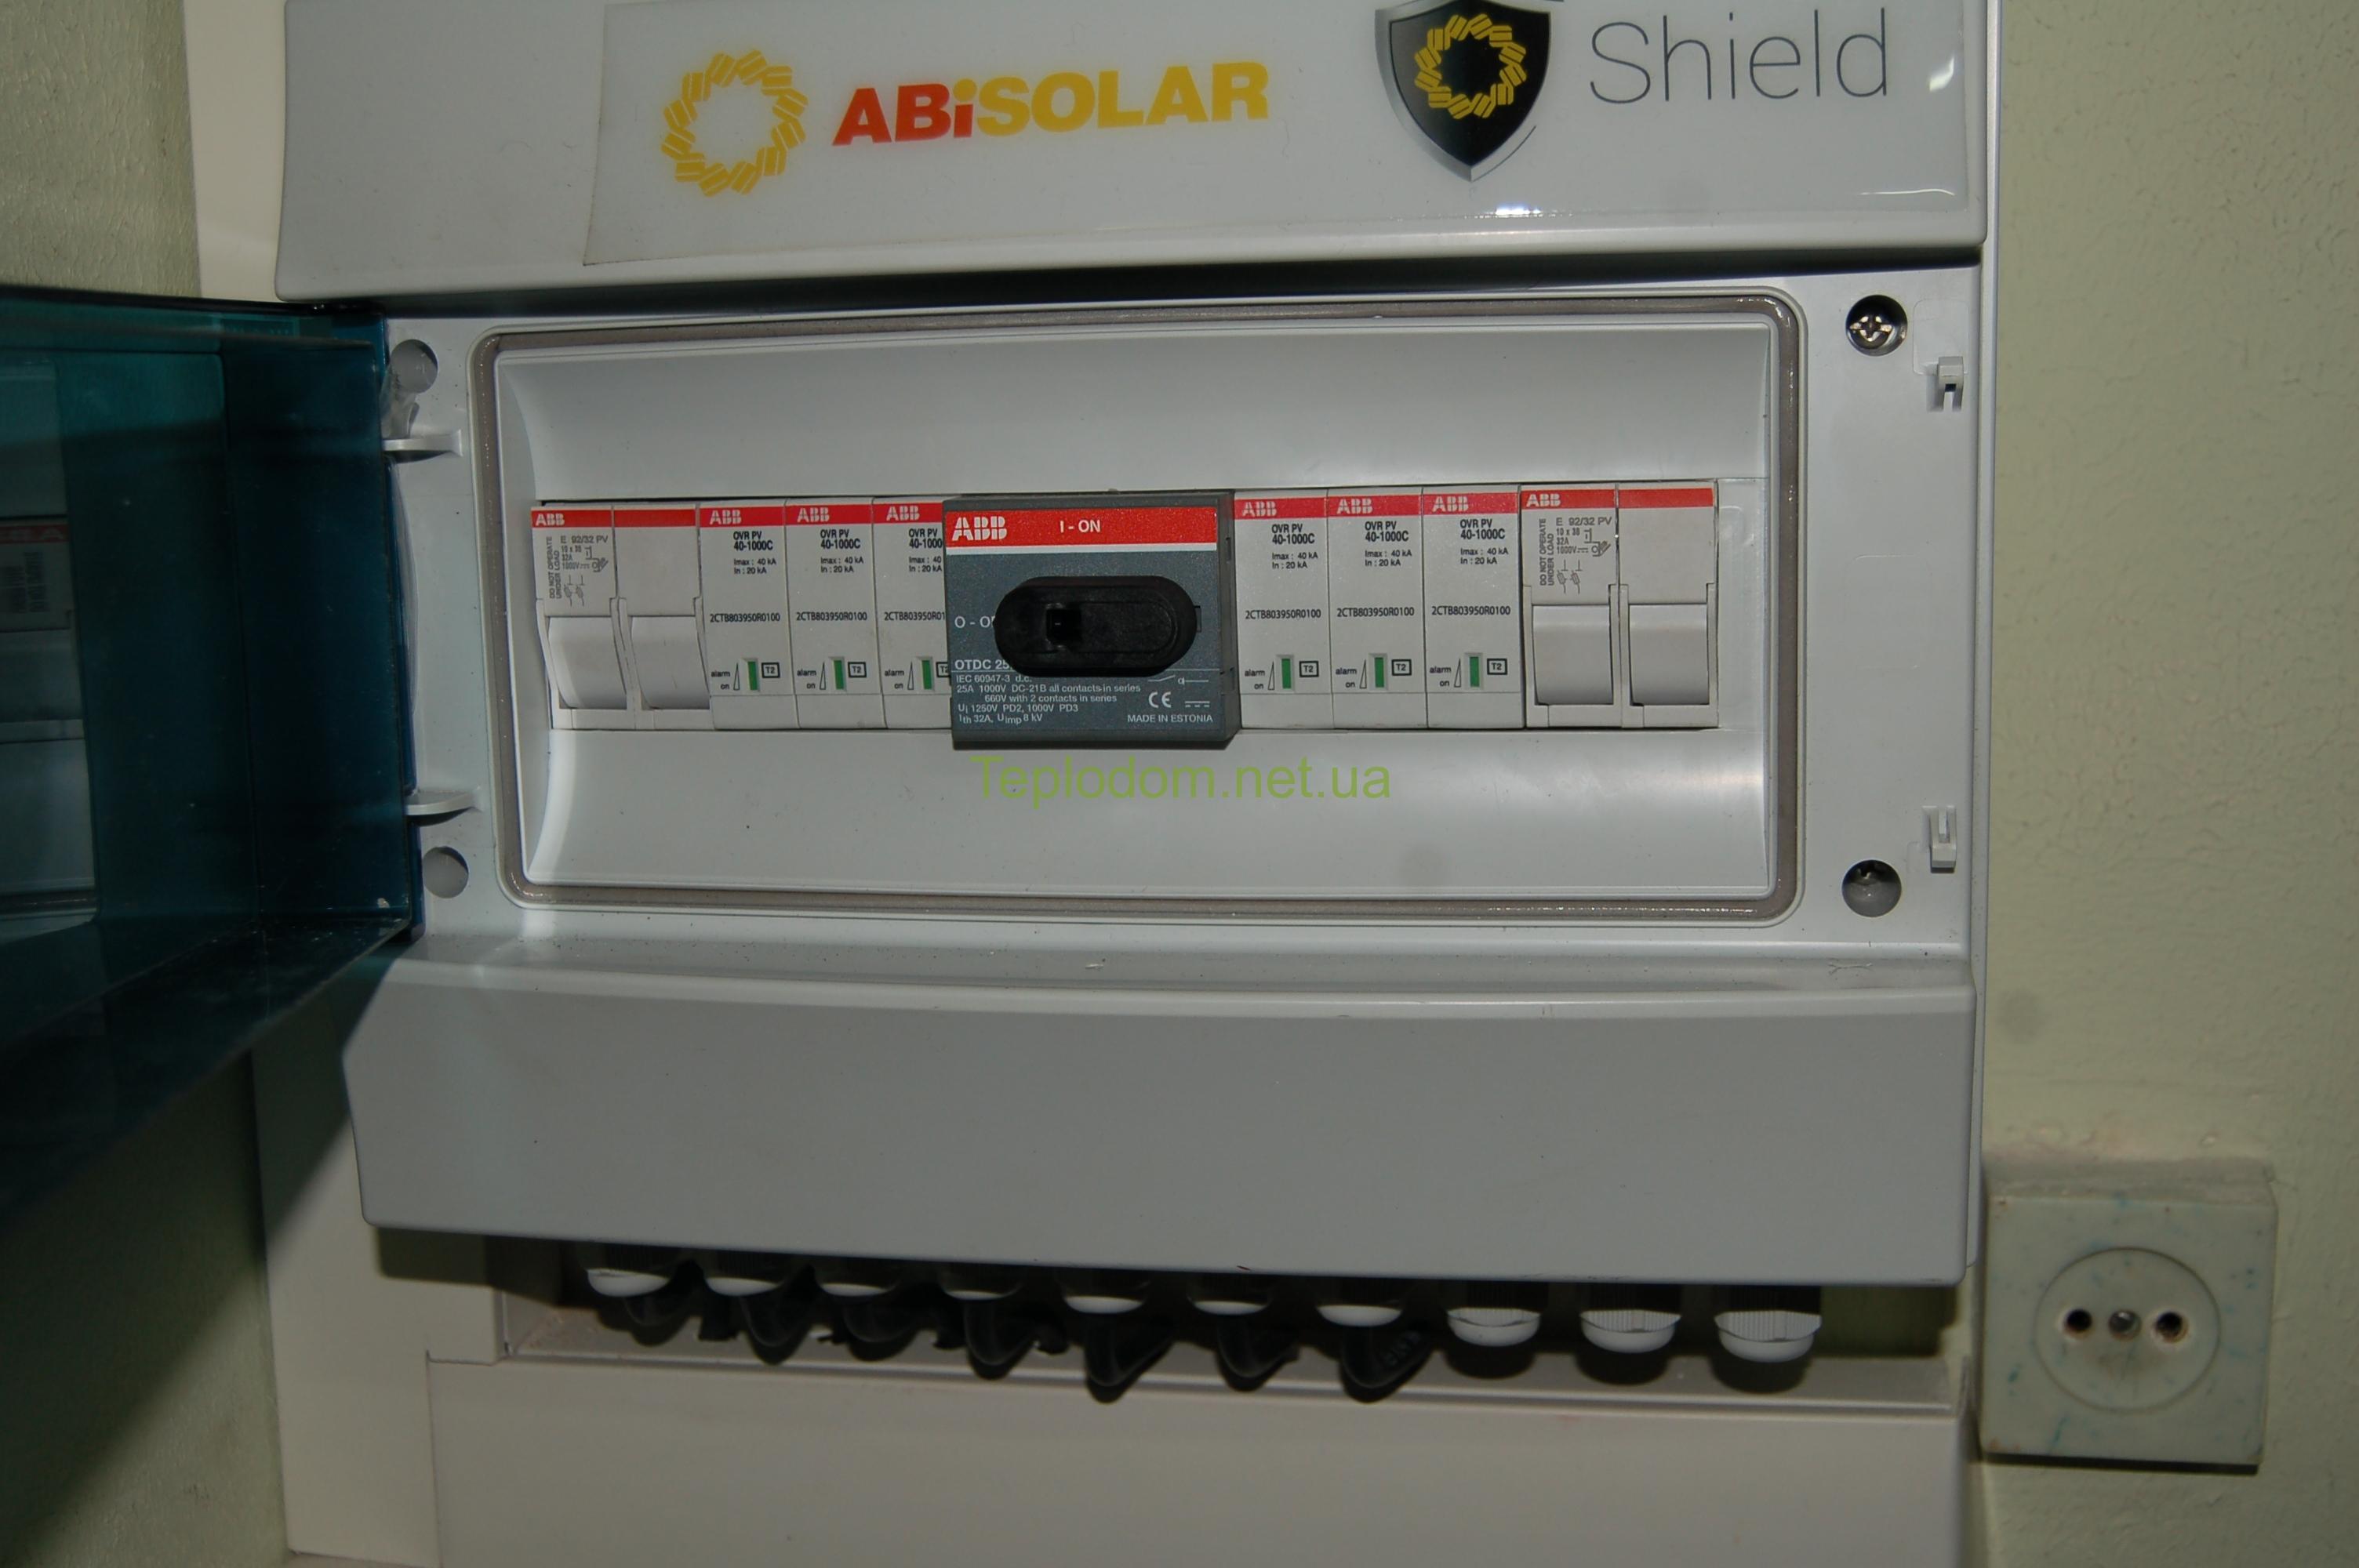 Поставки, монтаж и настройка оборудования солнечной энергетики